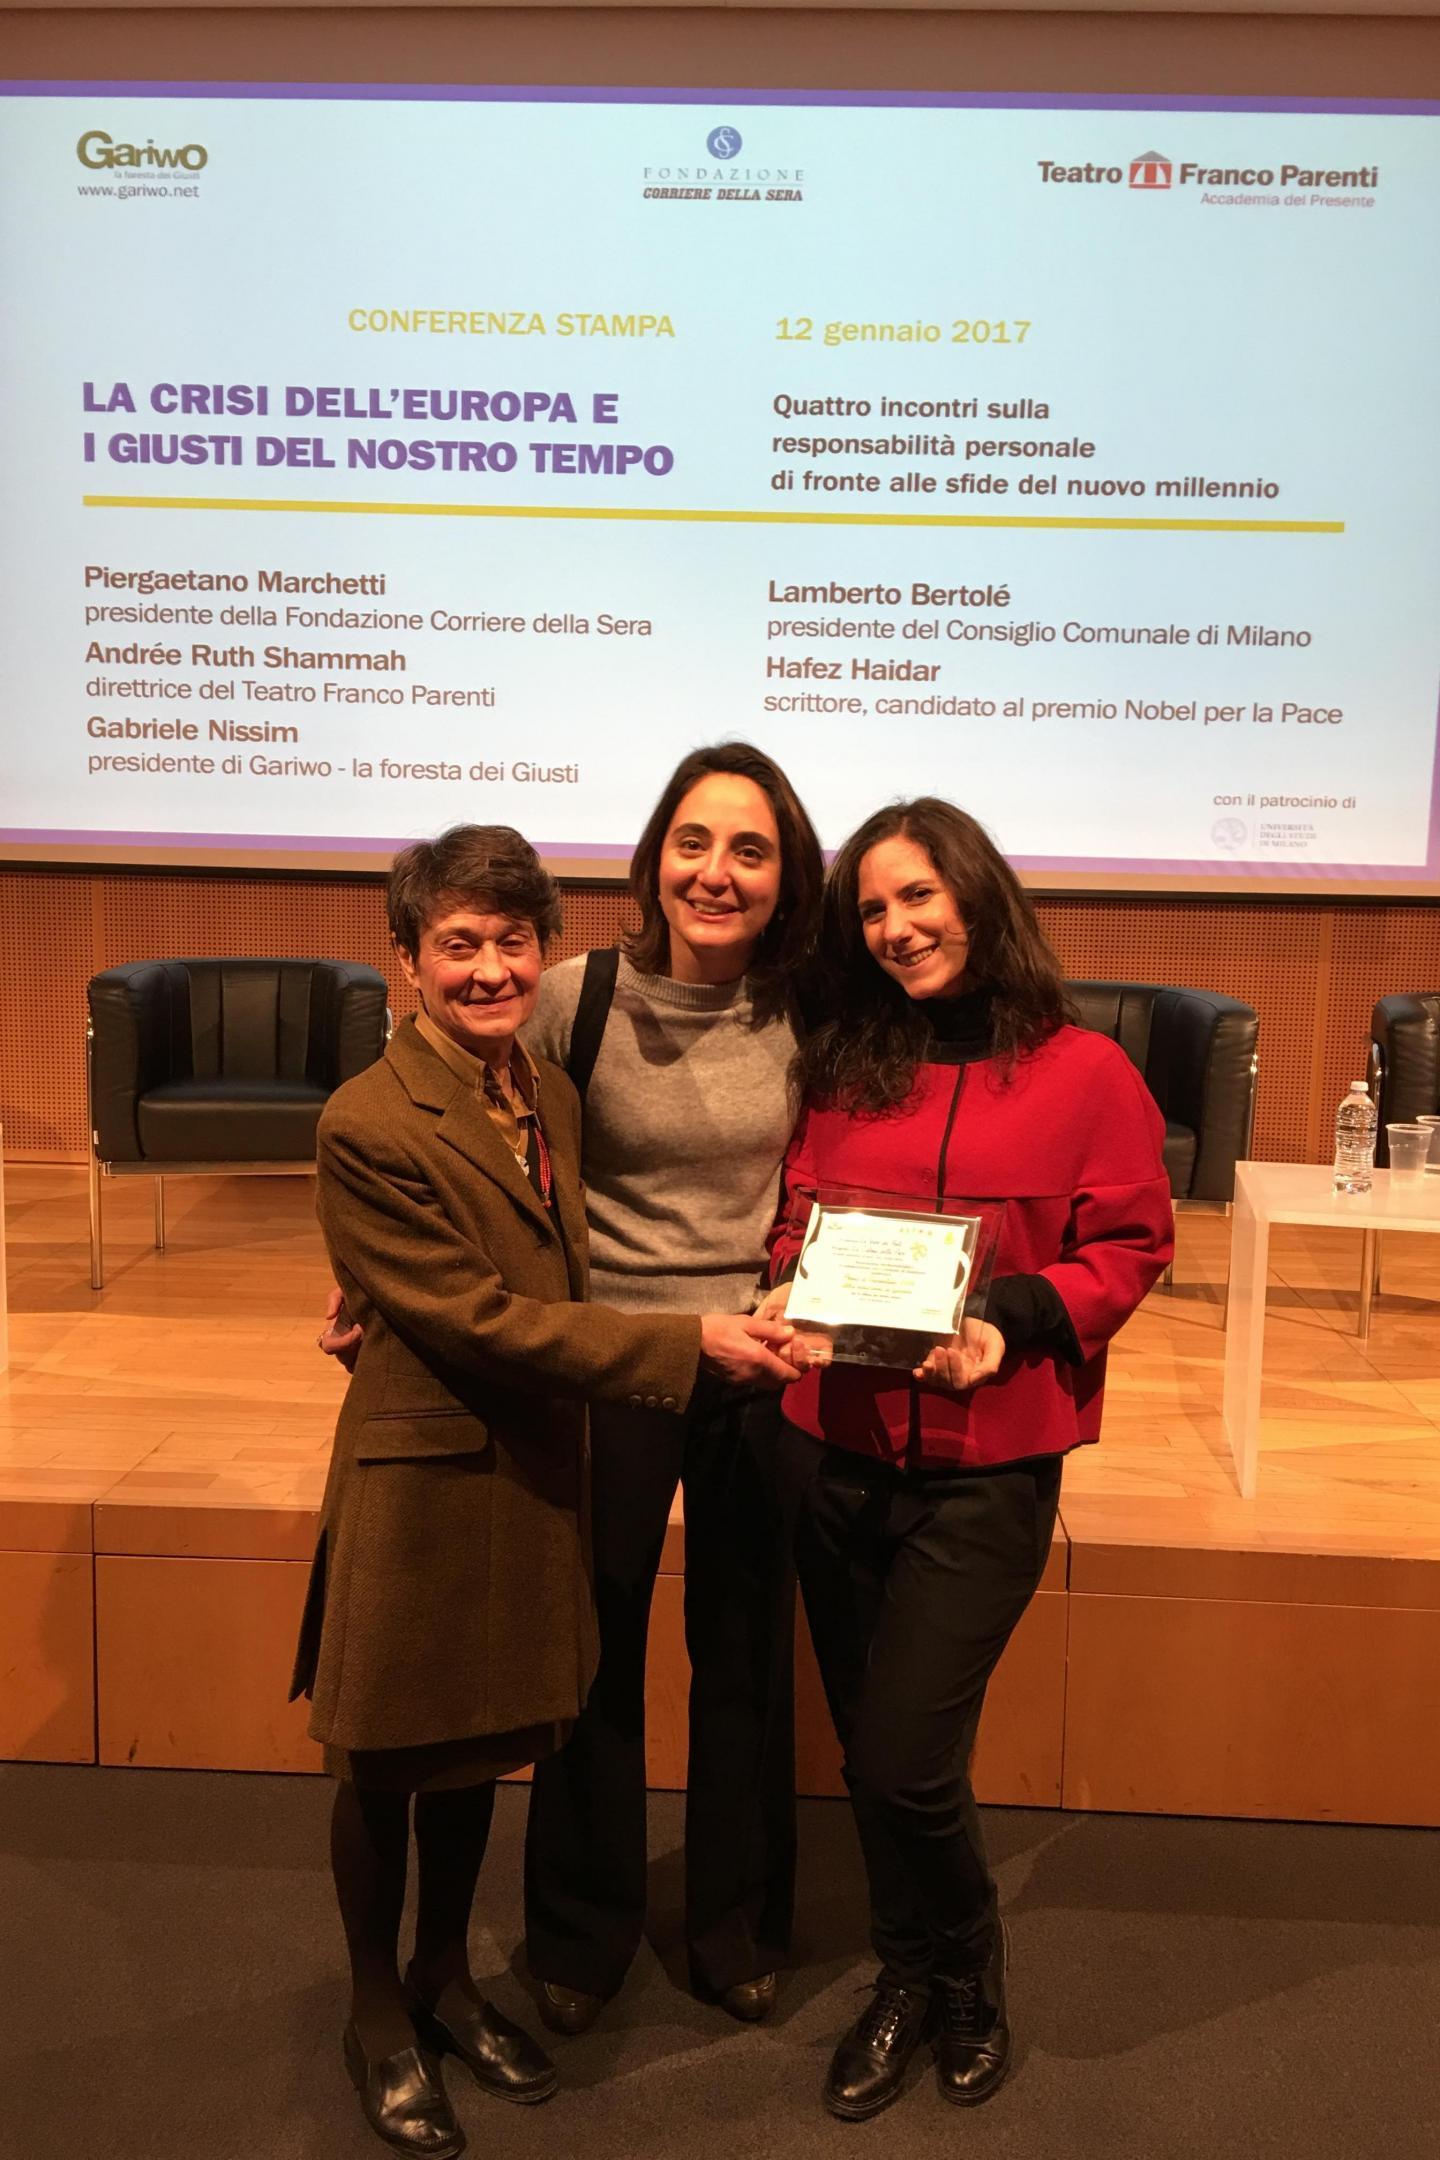 Da sinistra: Viviana Vestrucci, Valentina De Fazio e Martina Landi